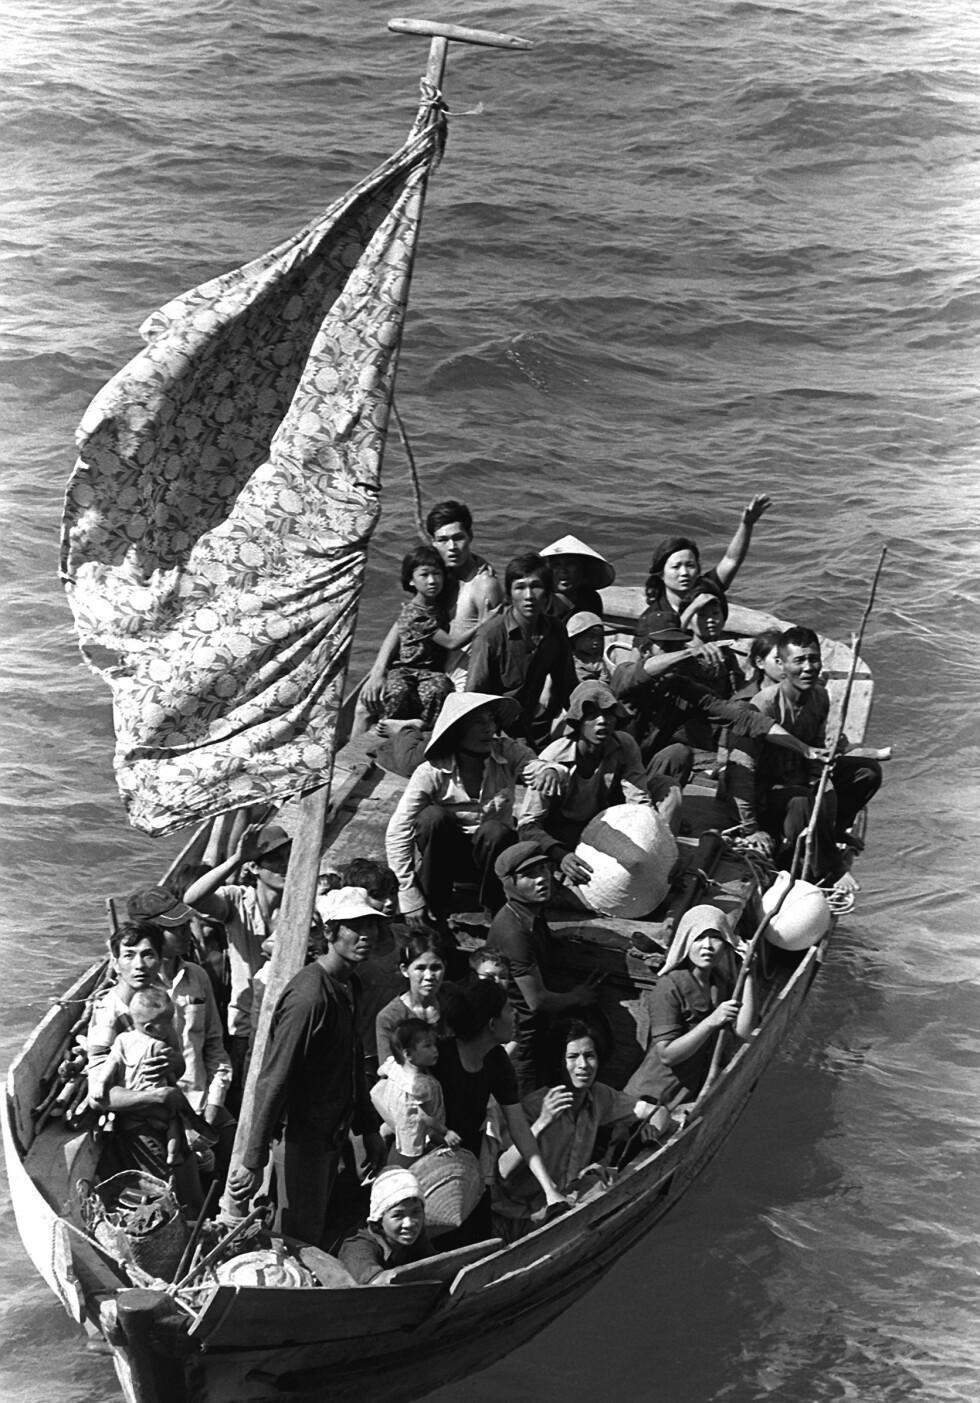 «FLYKTNINGENE» er Viet Thanh Nguyens andre skjønnlitterære verk. Under handlingen i de åtte historiene ligger minnet om den dramatiske båtflukten fra Vietnam i de første åra etter at Saigon falt i 1975 – etter over 30 års krig. Foto: Wikipedia